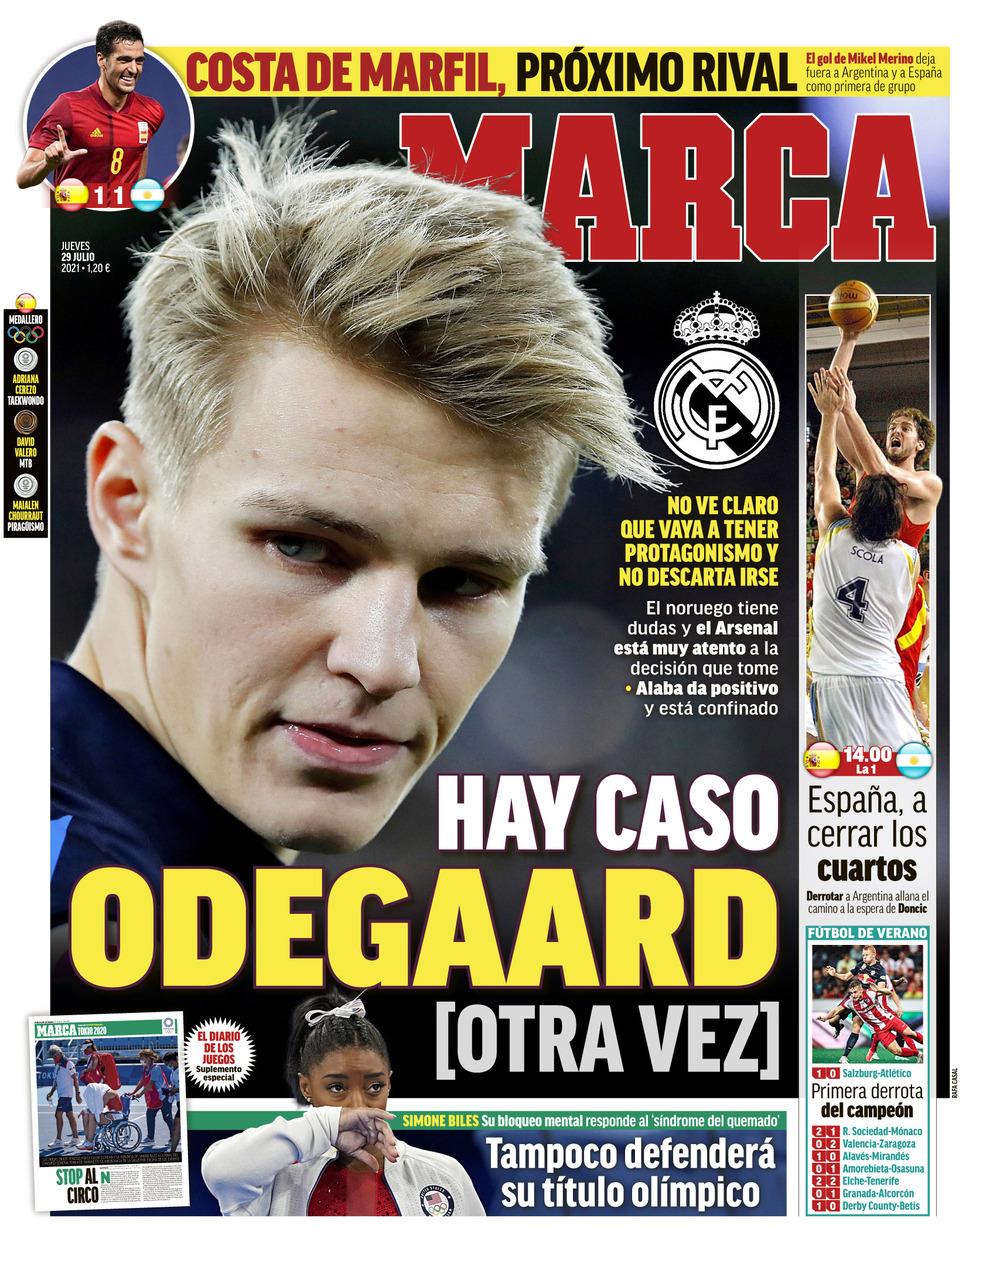 Papeles de hoy: El futuro de Odegaard no está claro, la Roja avanza, Messi vuelve a Barcelona para renovar